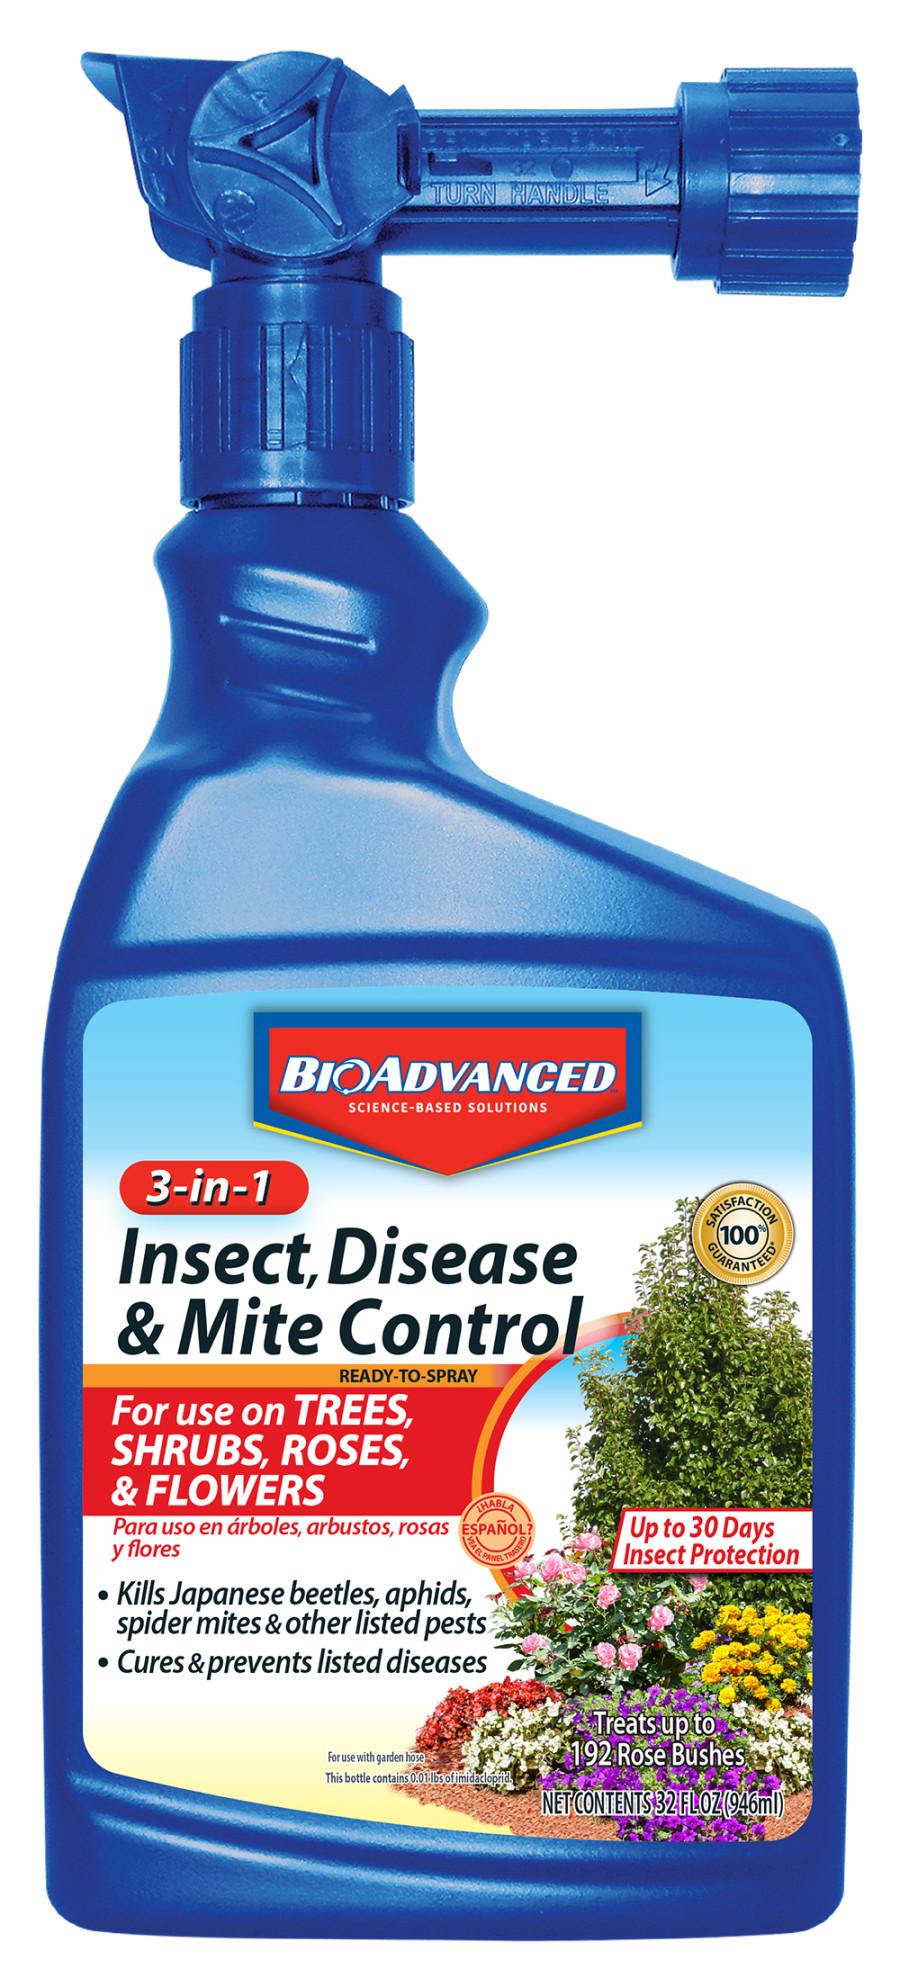 BioAdvanced 3-in-1 Insect, Disease & Mite Control 8ea/32 fl oz